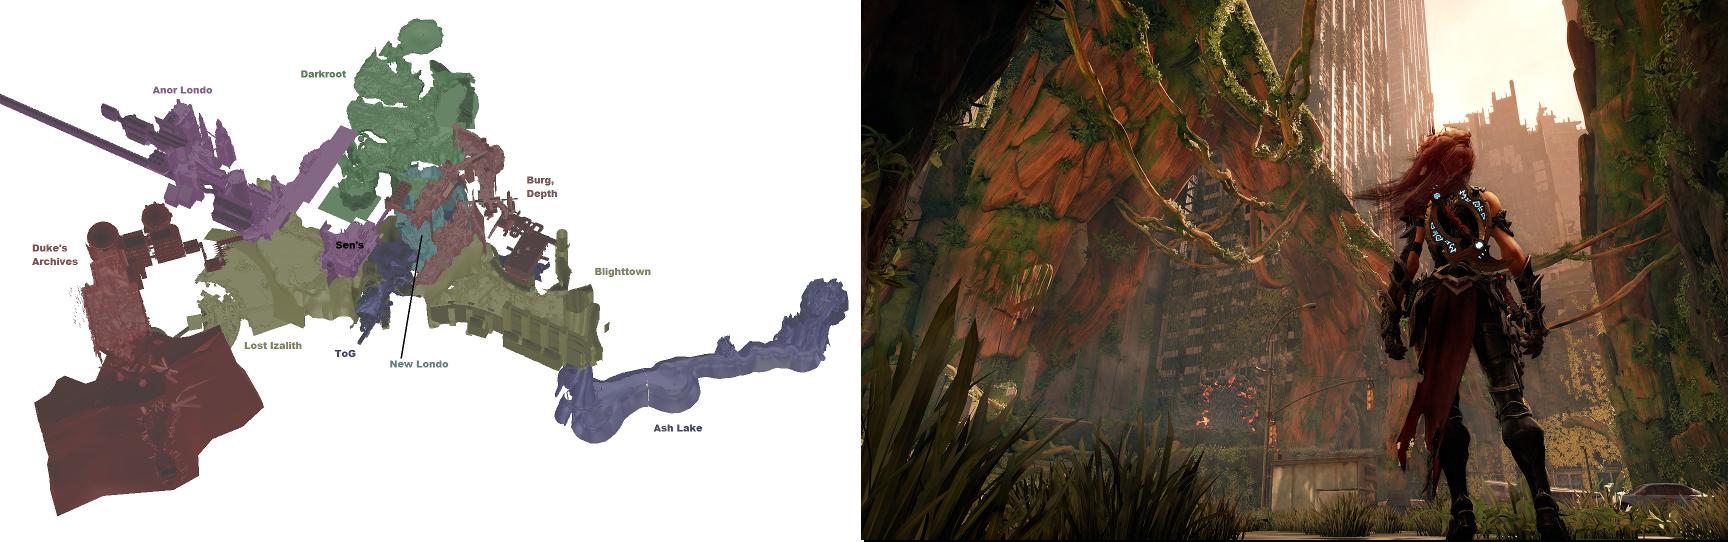 How Darksiders 3 Was Inspired By Dark Souls - EKGAMING